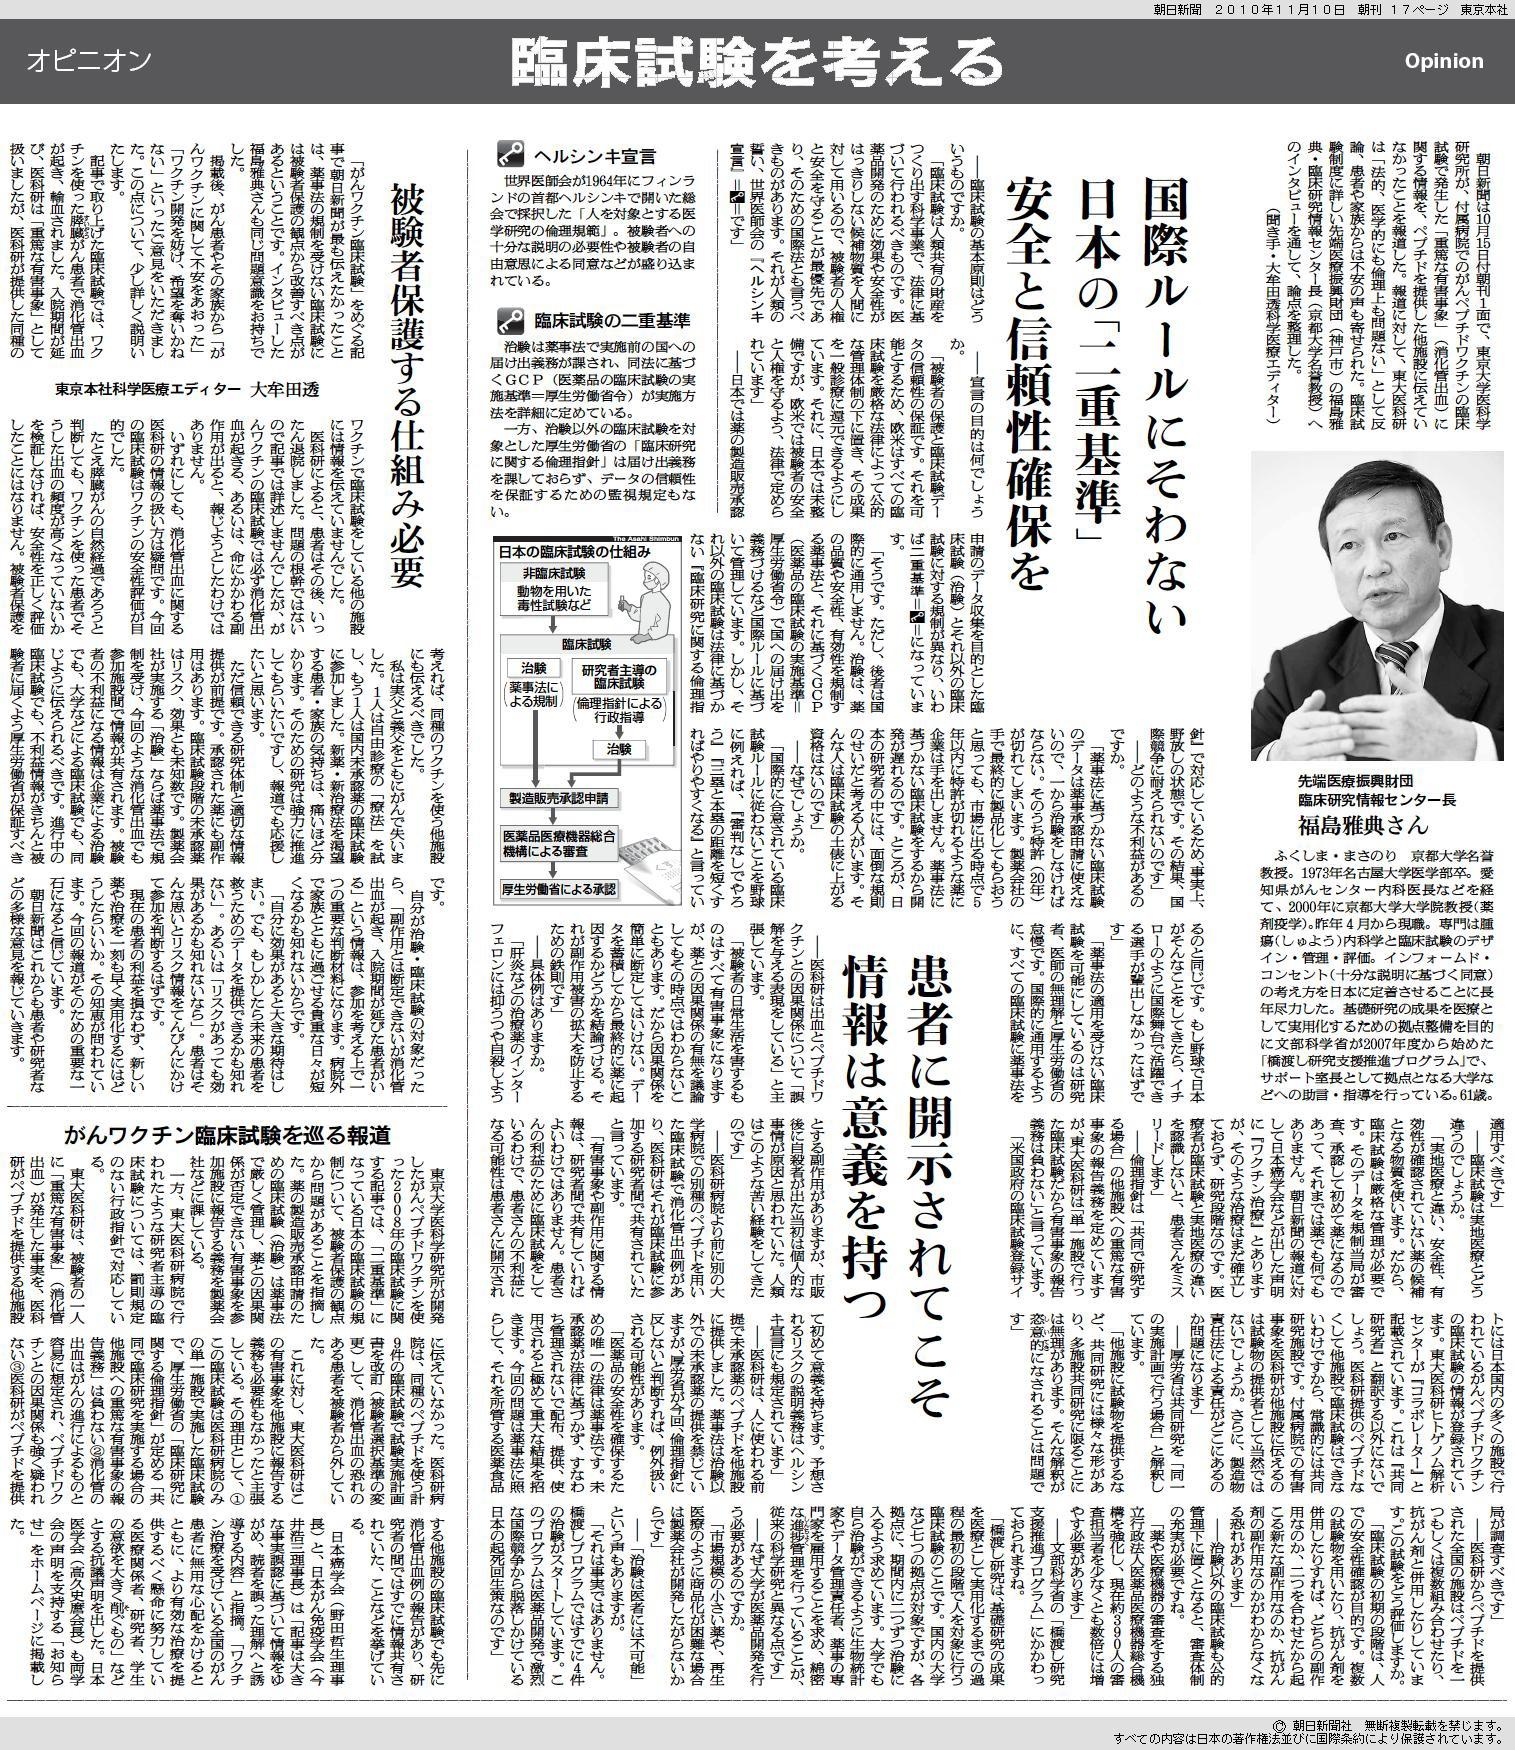 写真・図版 : 2010年11月10日付朝日新聞朝刊に掲載された福島雅典氏のインタビュー記事